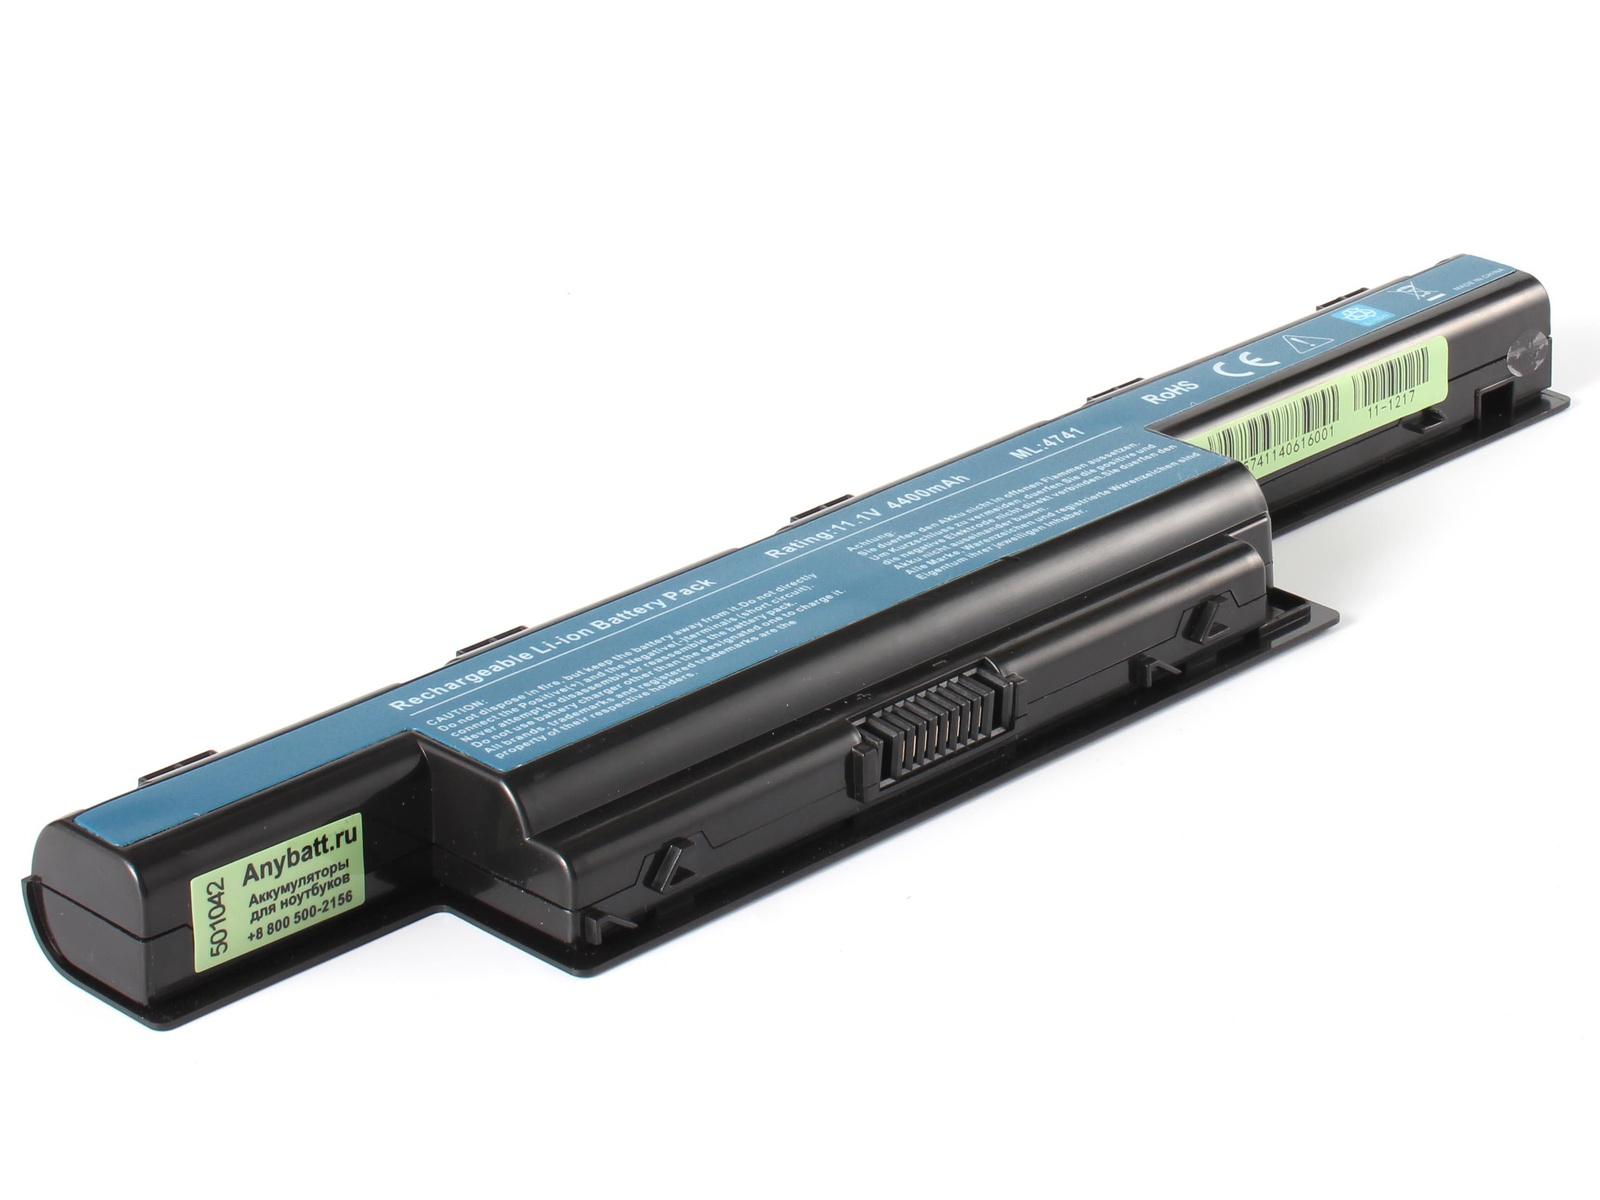 Фото - Аккумулятор для ноутбука AnyBatt для Acer Aspire E1-571G-32374G50Mnks, eMachines E732G-333G25Mikk, Travelmate 4750, Travelmate P643-M, Aspire 5250-E302G50Mnkk, Aspire 5750G-2454G50Mnbb, Aspire 7551G-N974G64Bikk аккумуляторная батарея topon top ac5551 4400мач для ноутбуков acer aspire 4551g 4741 4771g 5253 5333 5551 5741g 5750g 7551g 7741g v3 travelmate 4750 5740g 7750g 8572tg e640 e642g